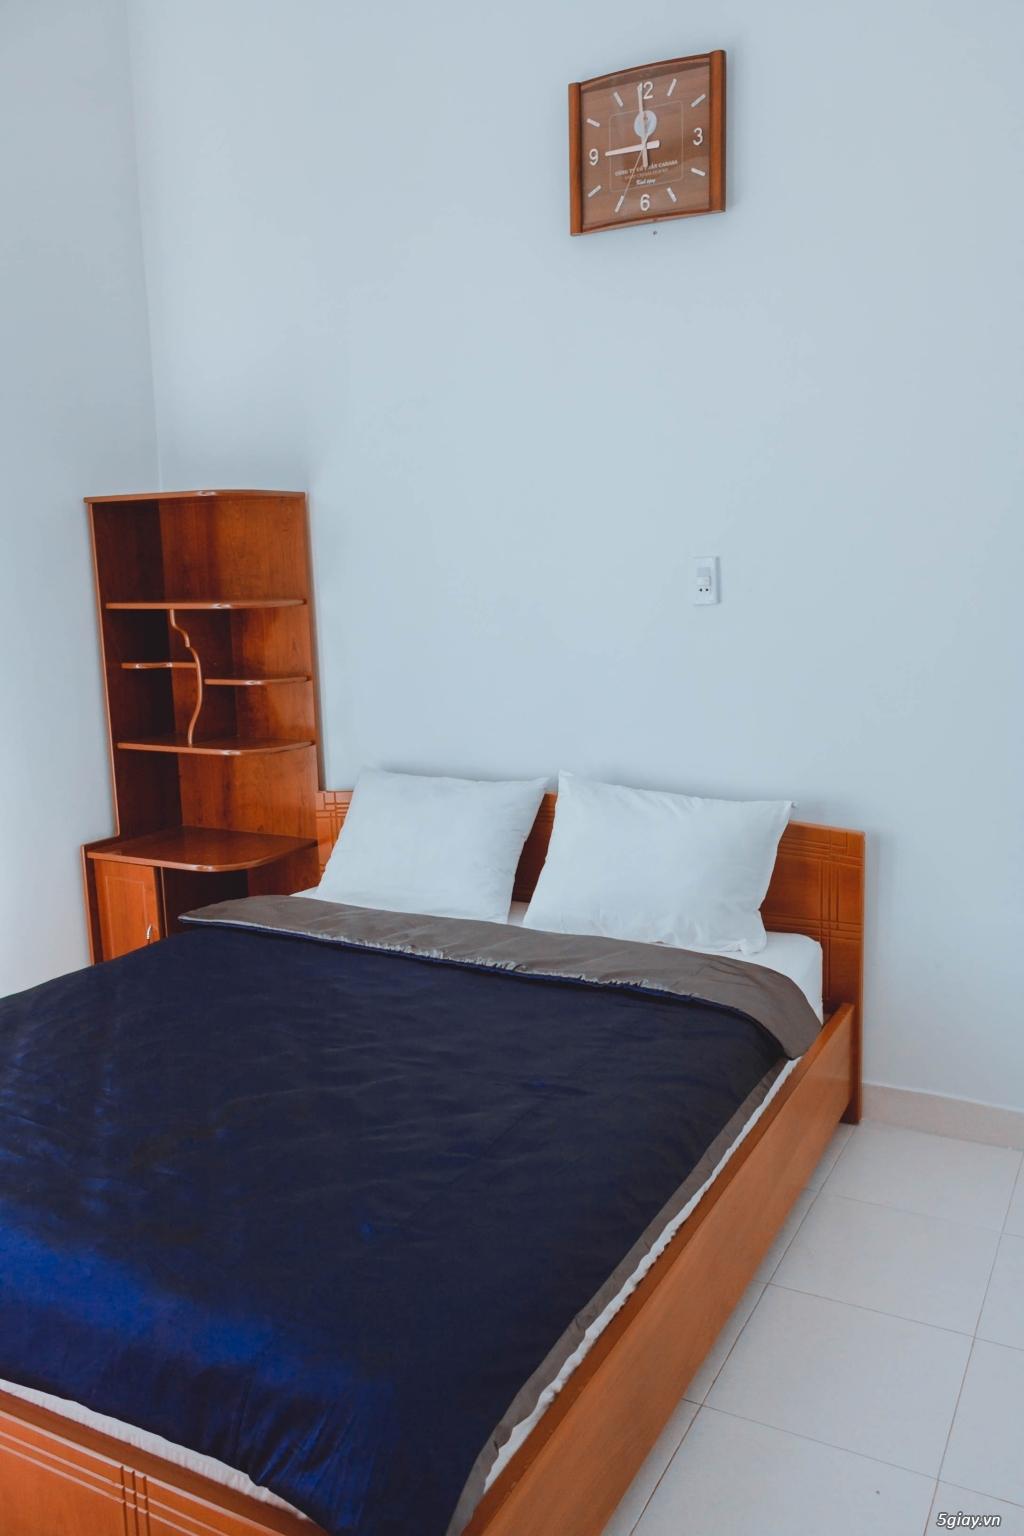 Home1988 - Nhà cho thuê theo phòng nghỉ dưỡng ngắn hạn Đà Lạt - 1